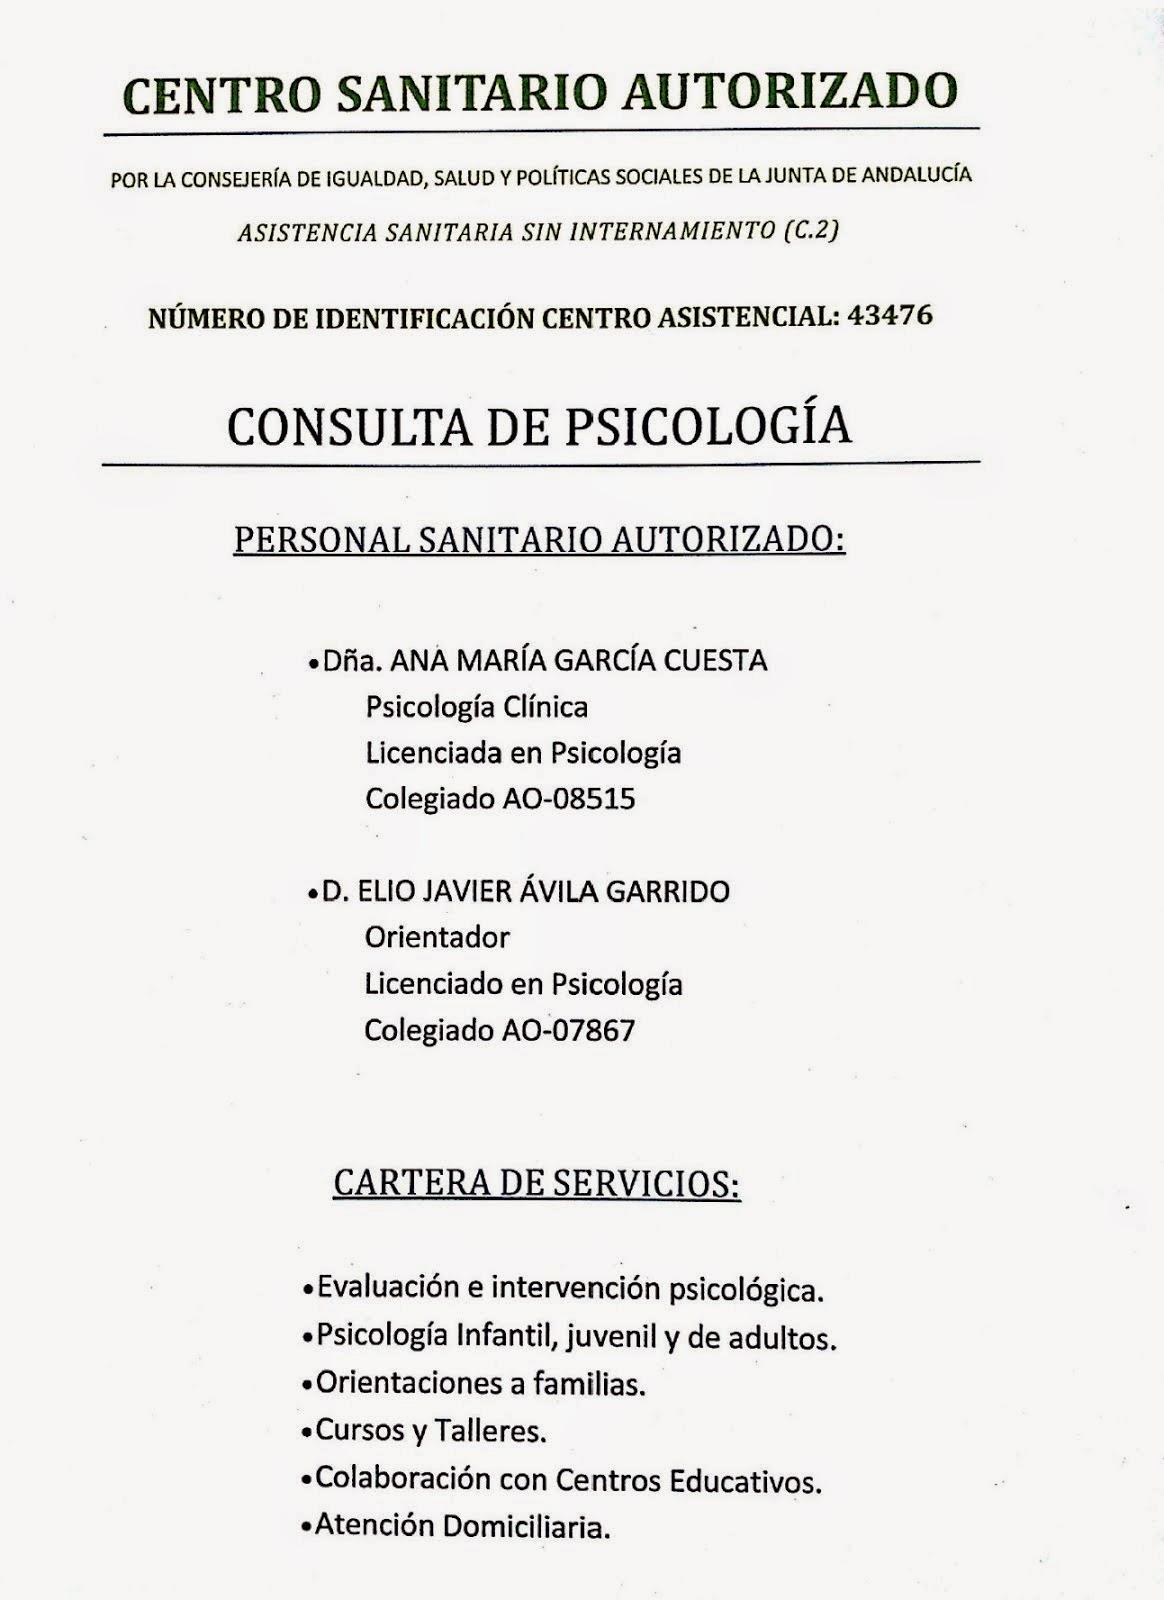 CENTRO SANITARIO AUTORIZADO